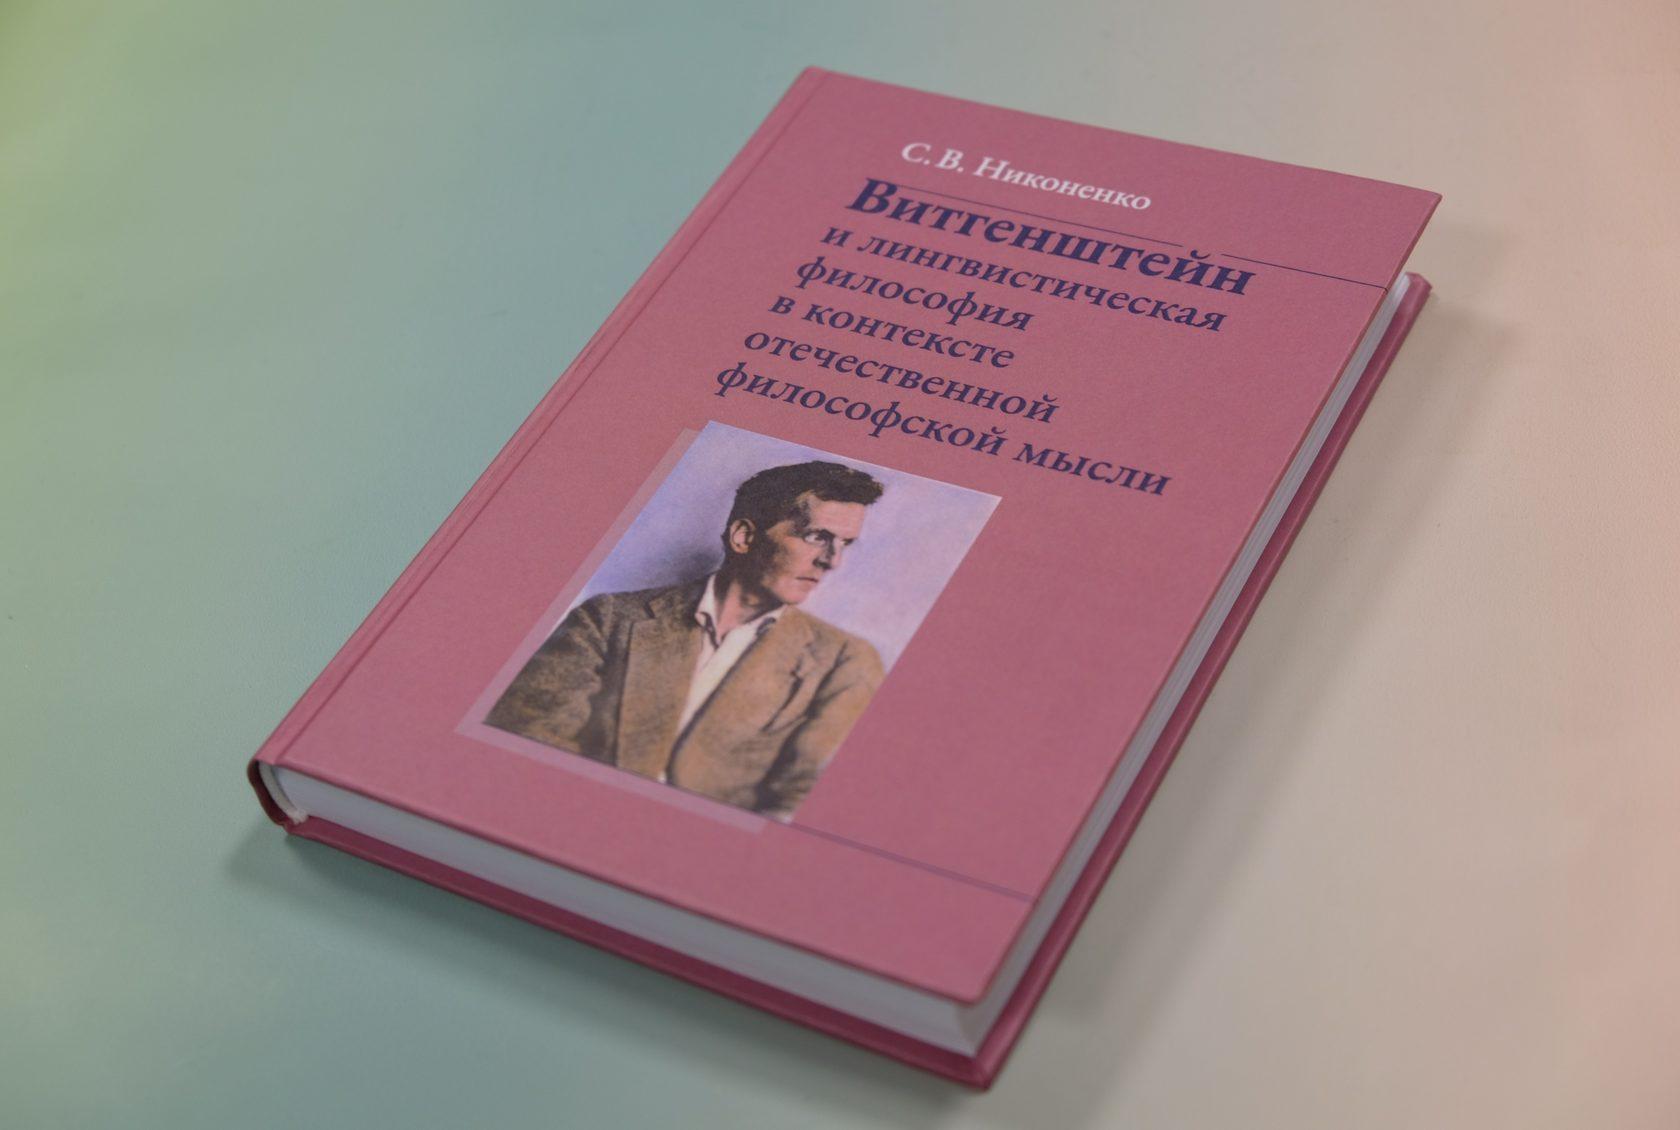 «Витгенштейн и лингвистическая философия в контексте отечественной философской мысли»